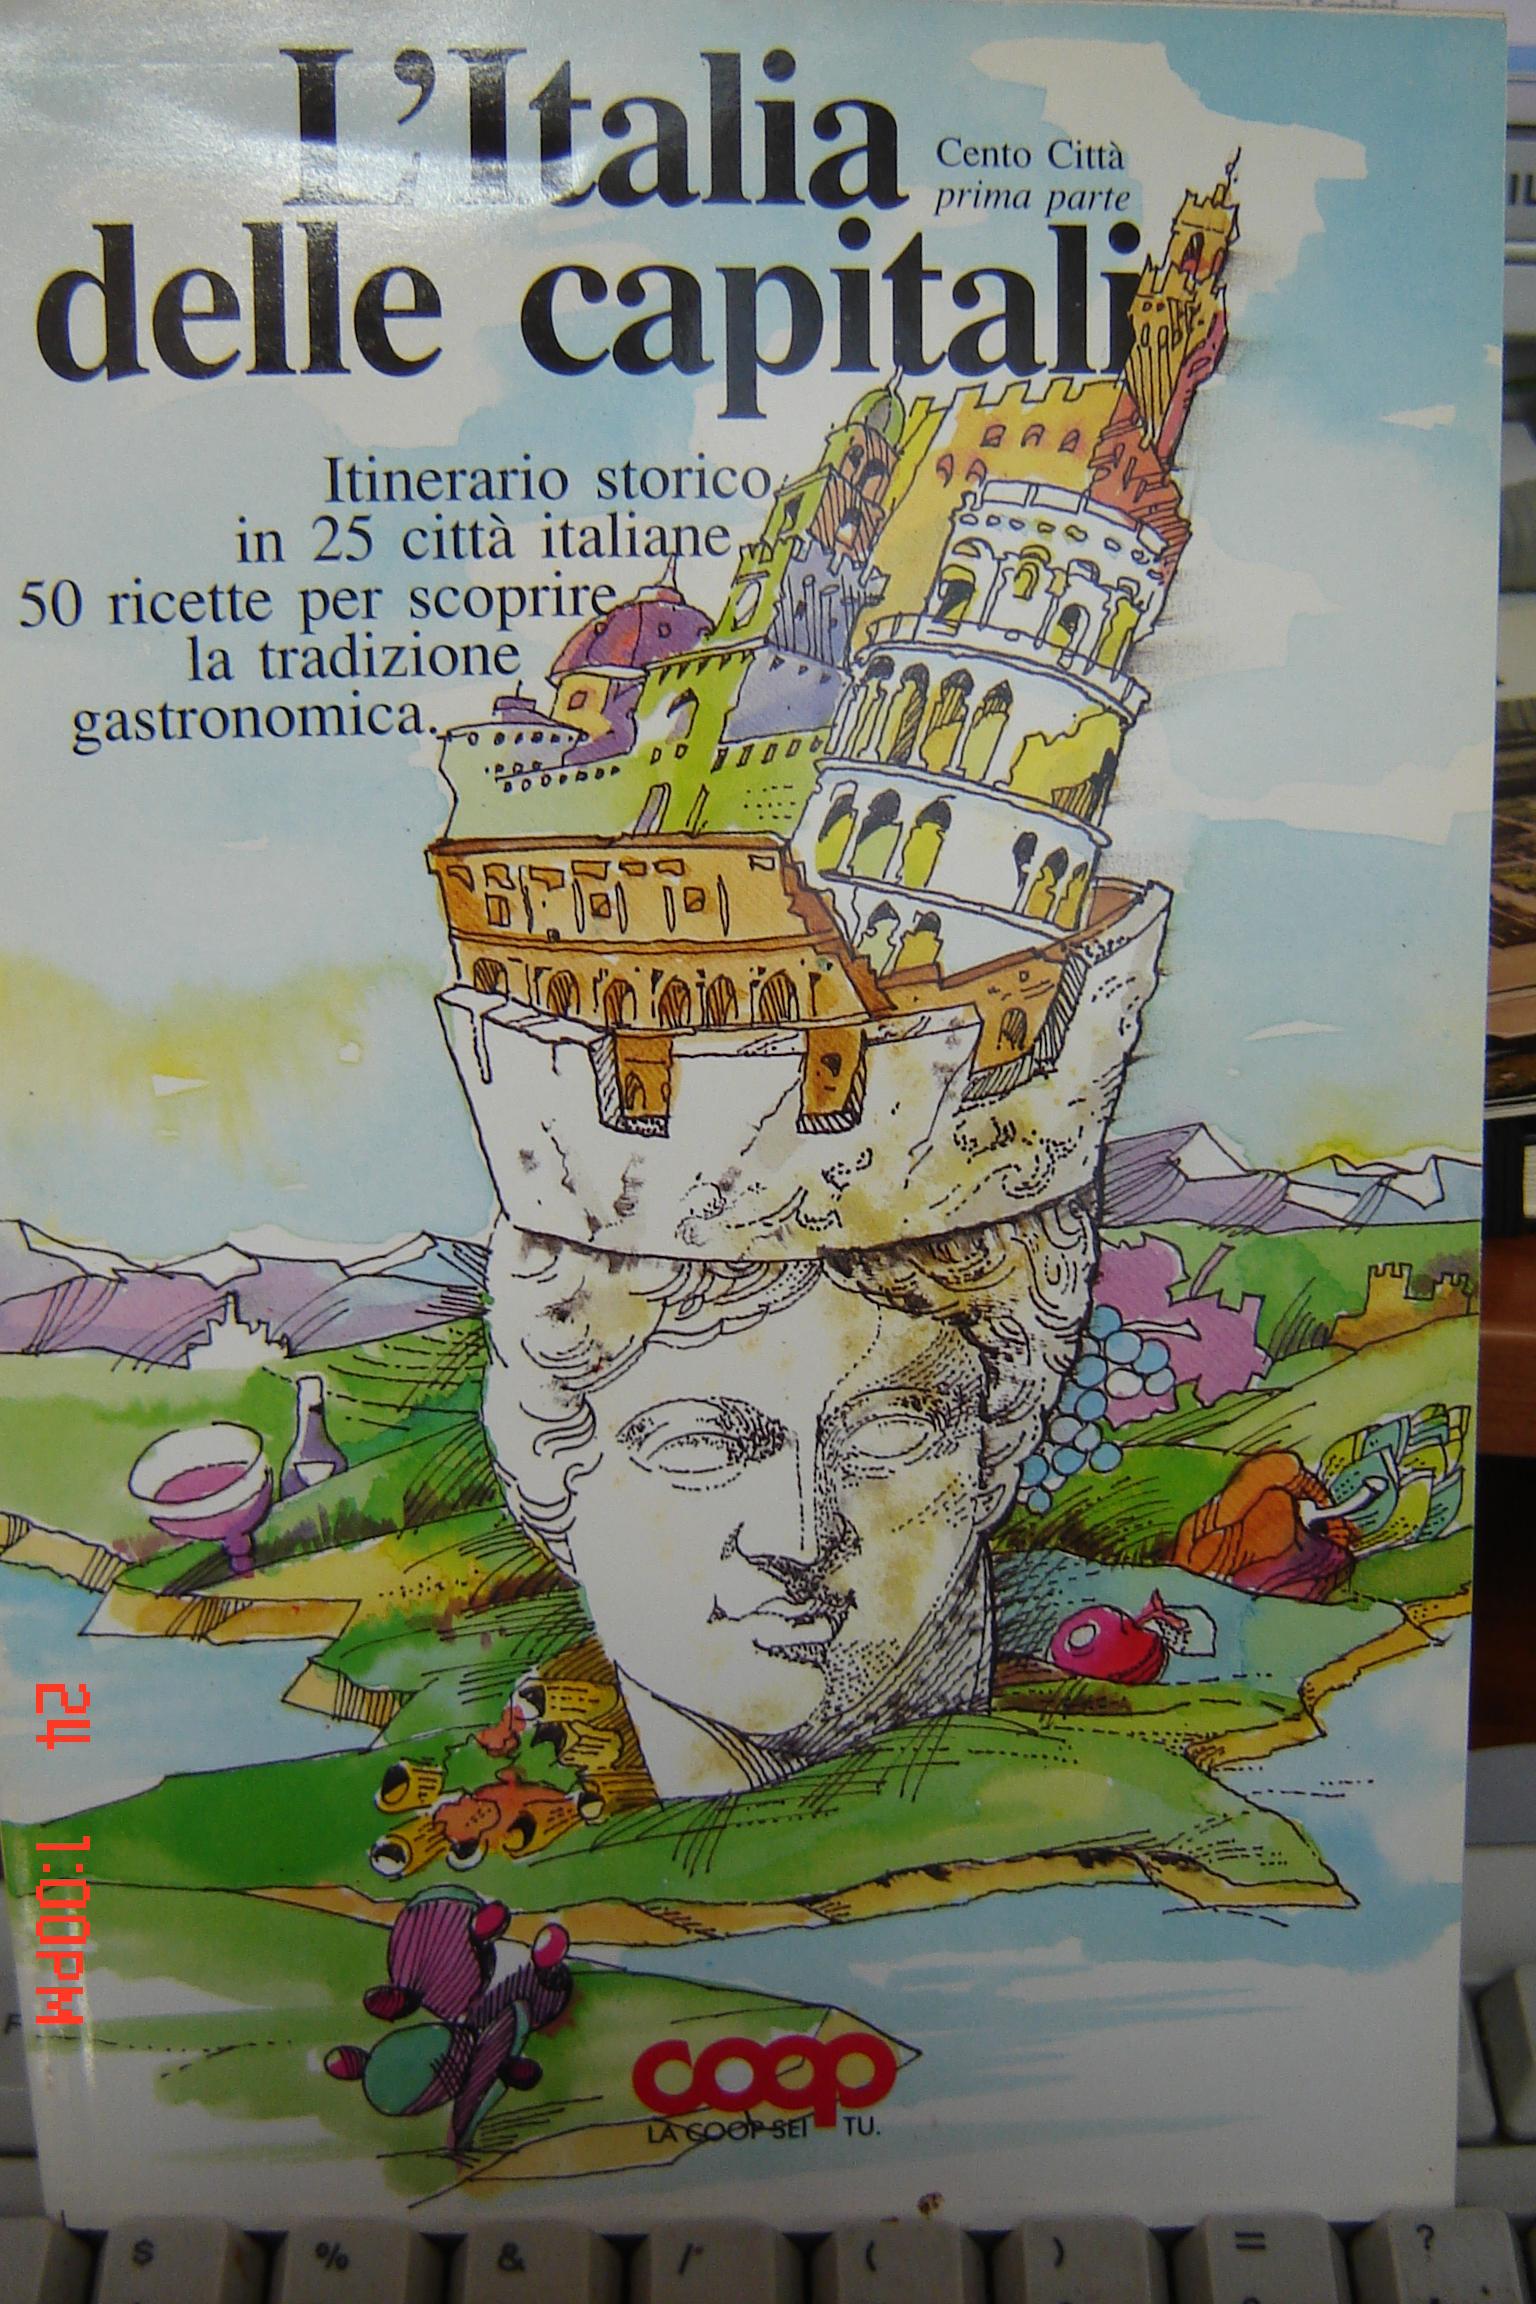 L'Italia delle capitali. Cento città - Prima parte